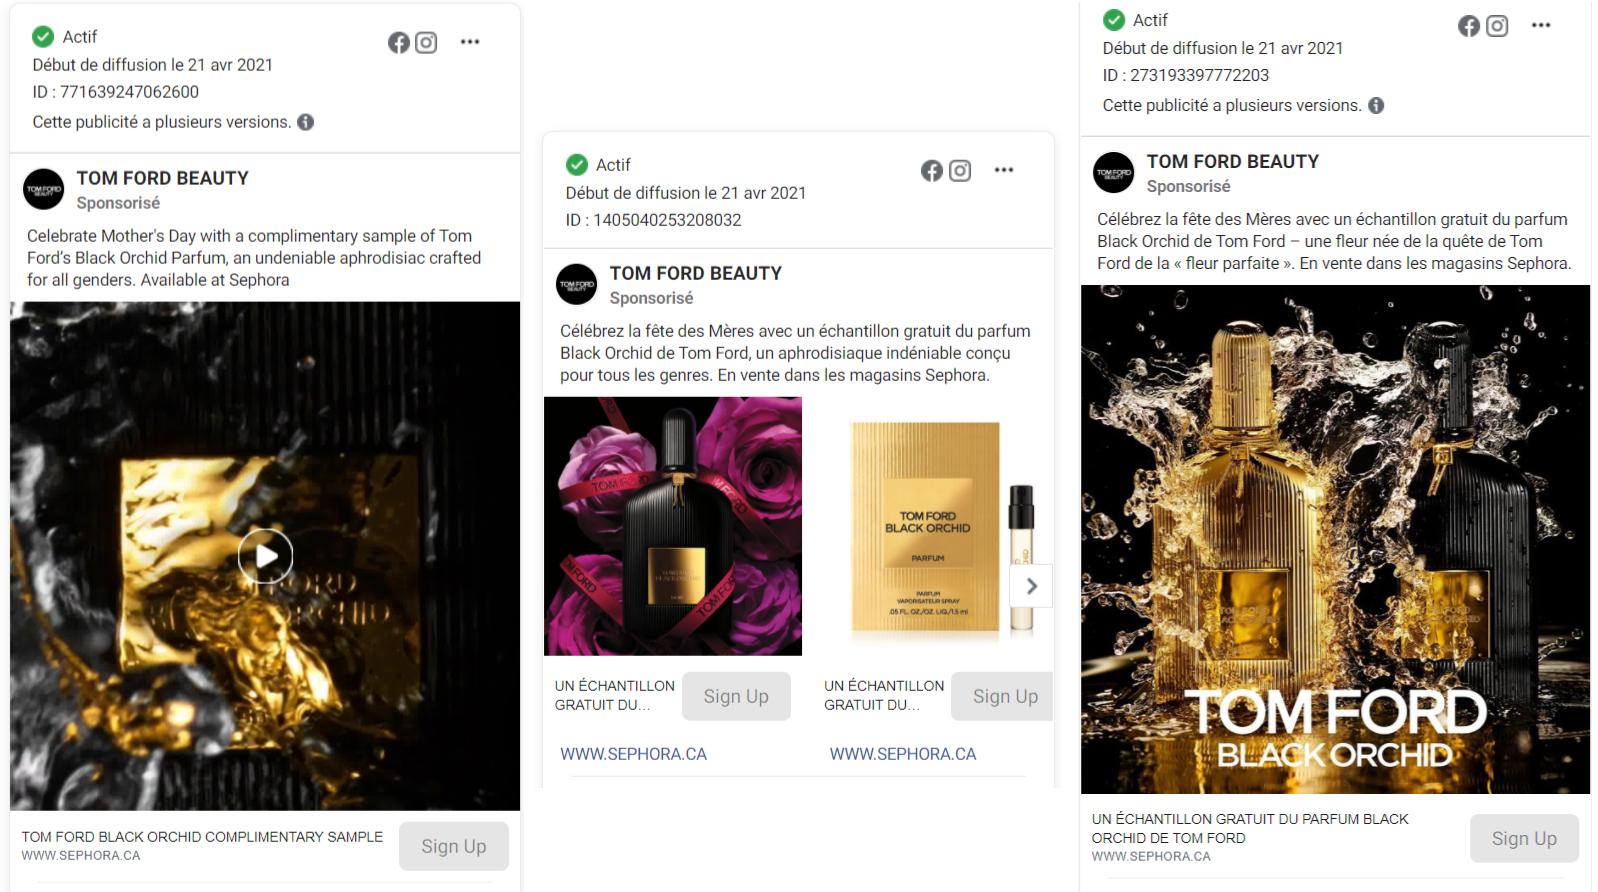 parfum Black Orchid de Tom Ford